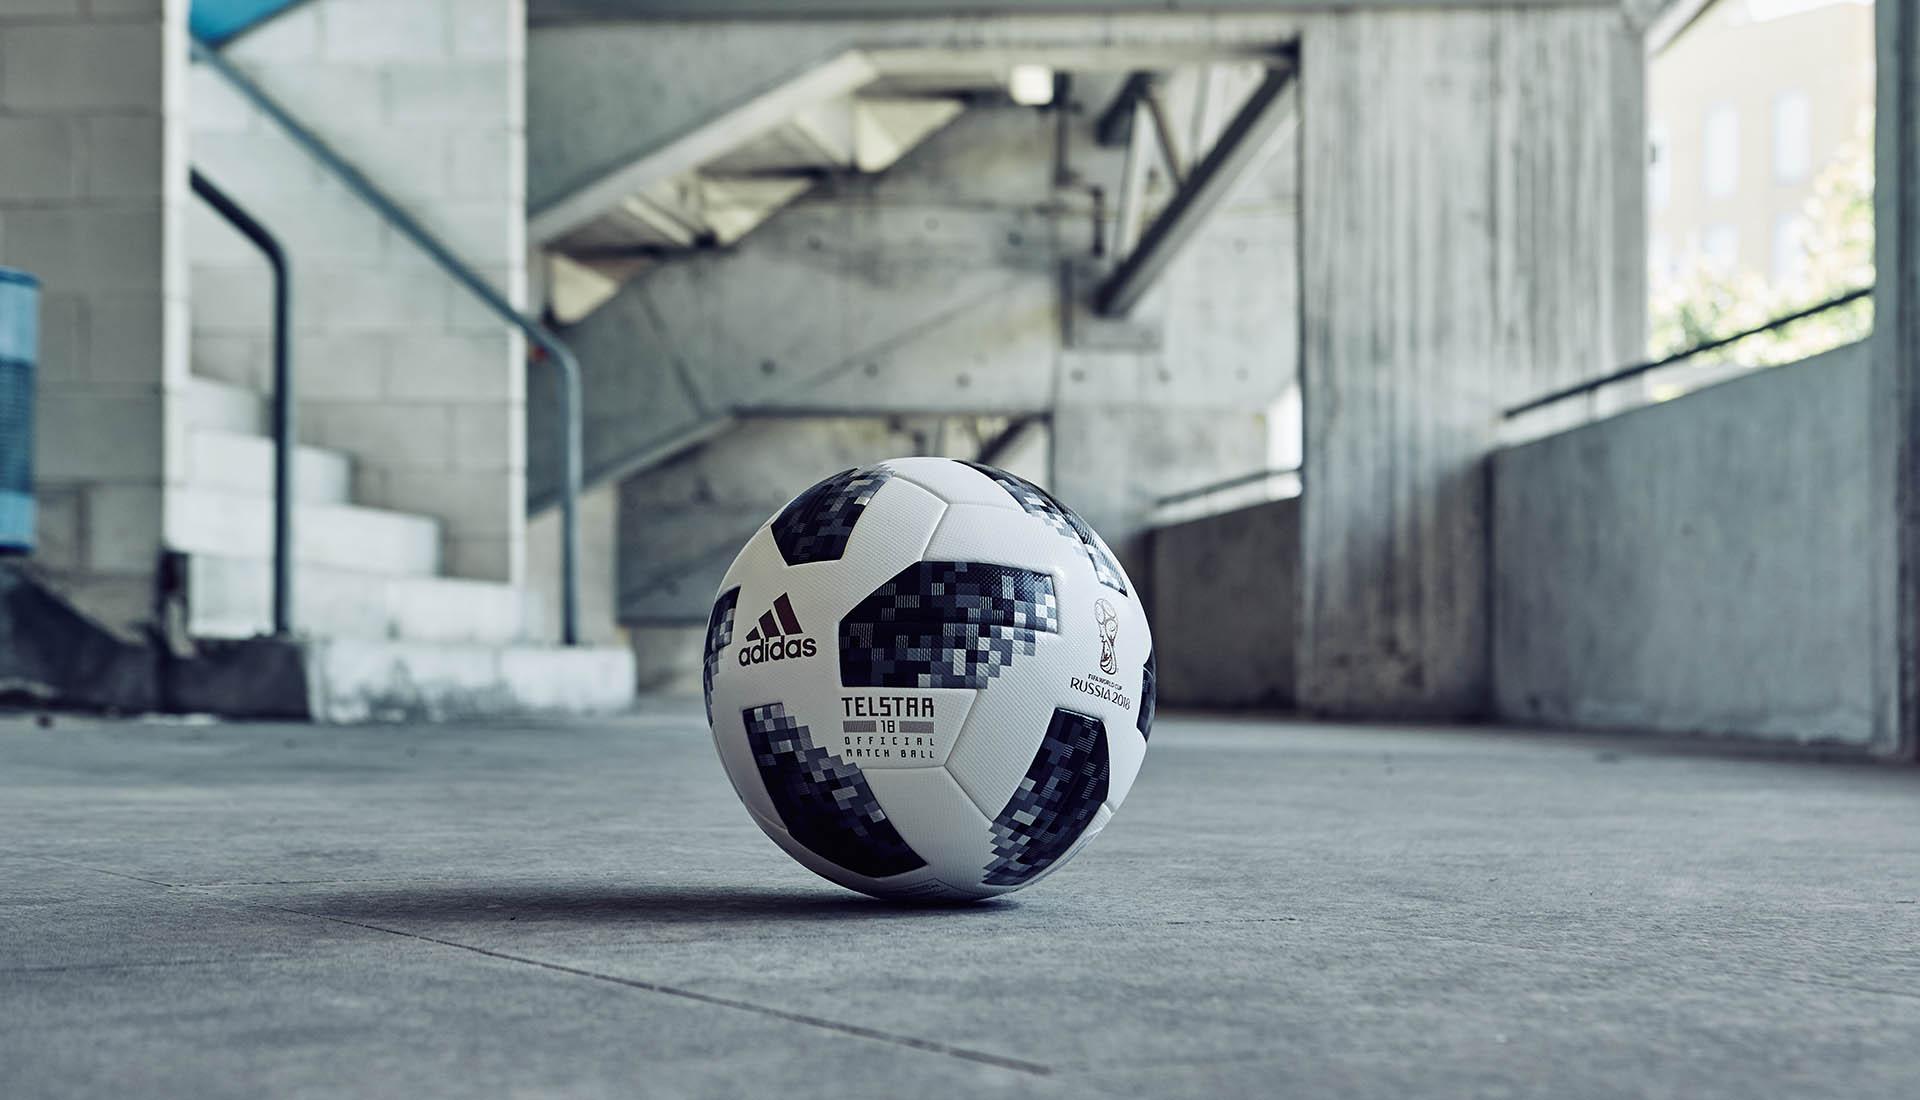 adidas Unveil 'Telstar' 2018 FIFA World Cup Official Match